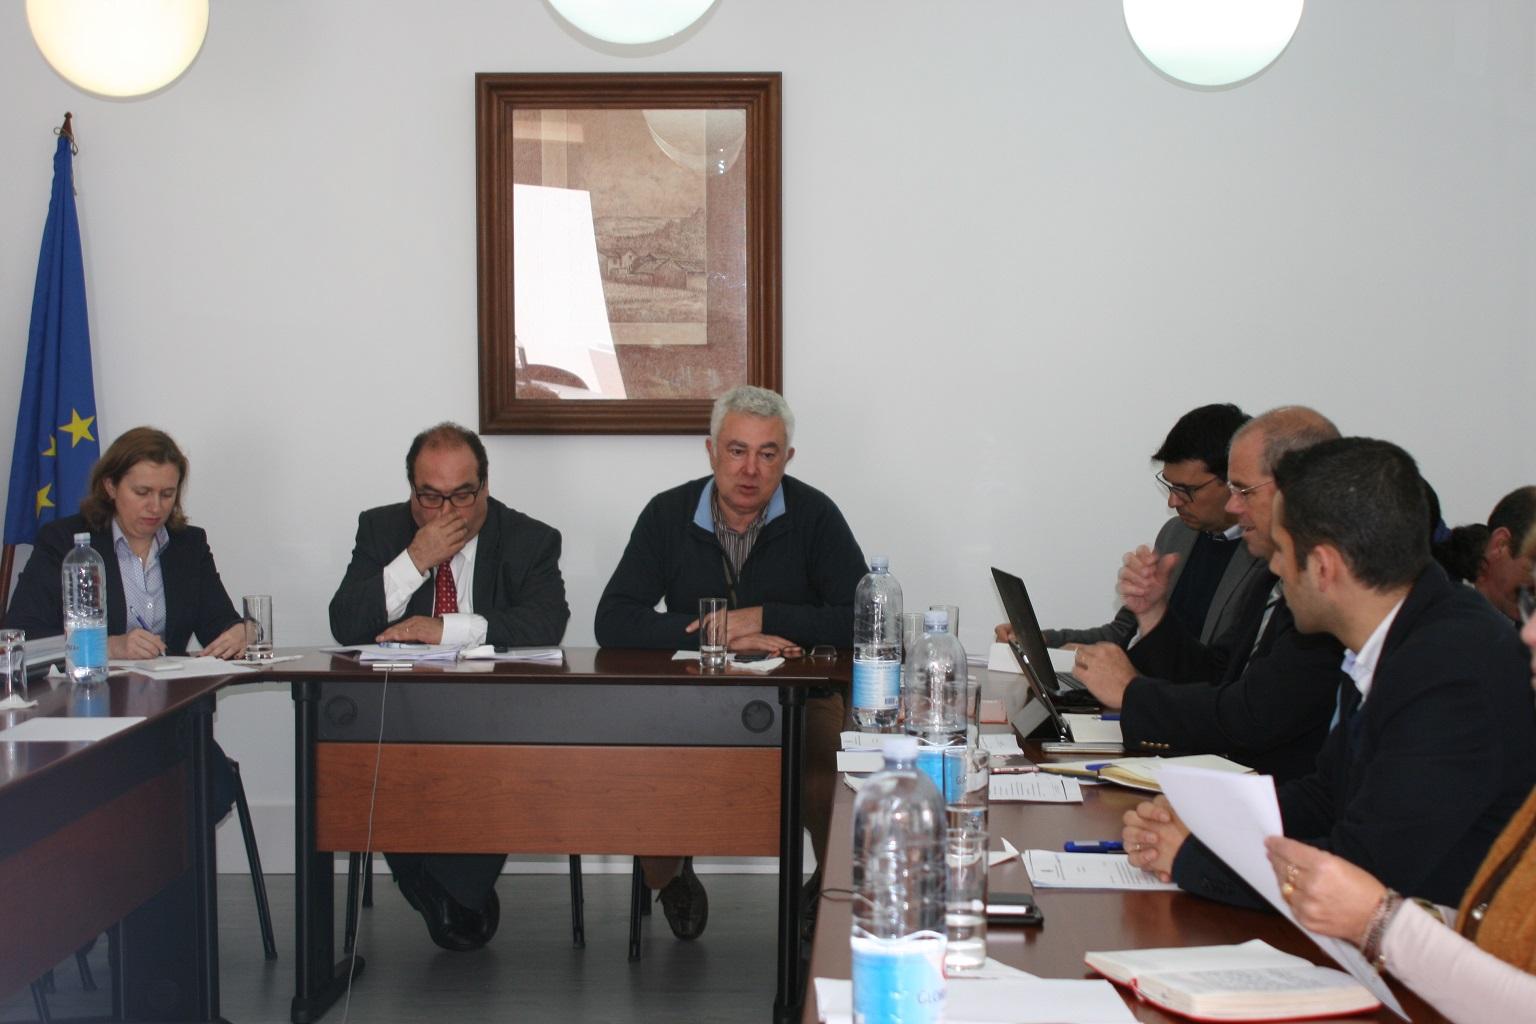 Proposta G2A: CDS propõe ouvir especialistas e personalidades com pensamento sobre geoestratégia e geopolítica